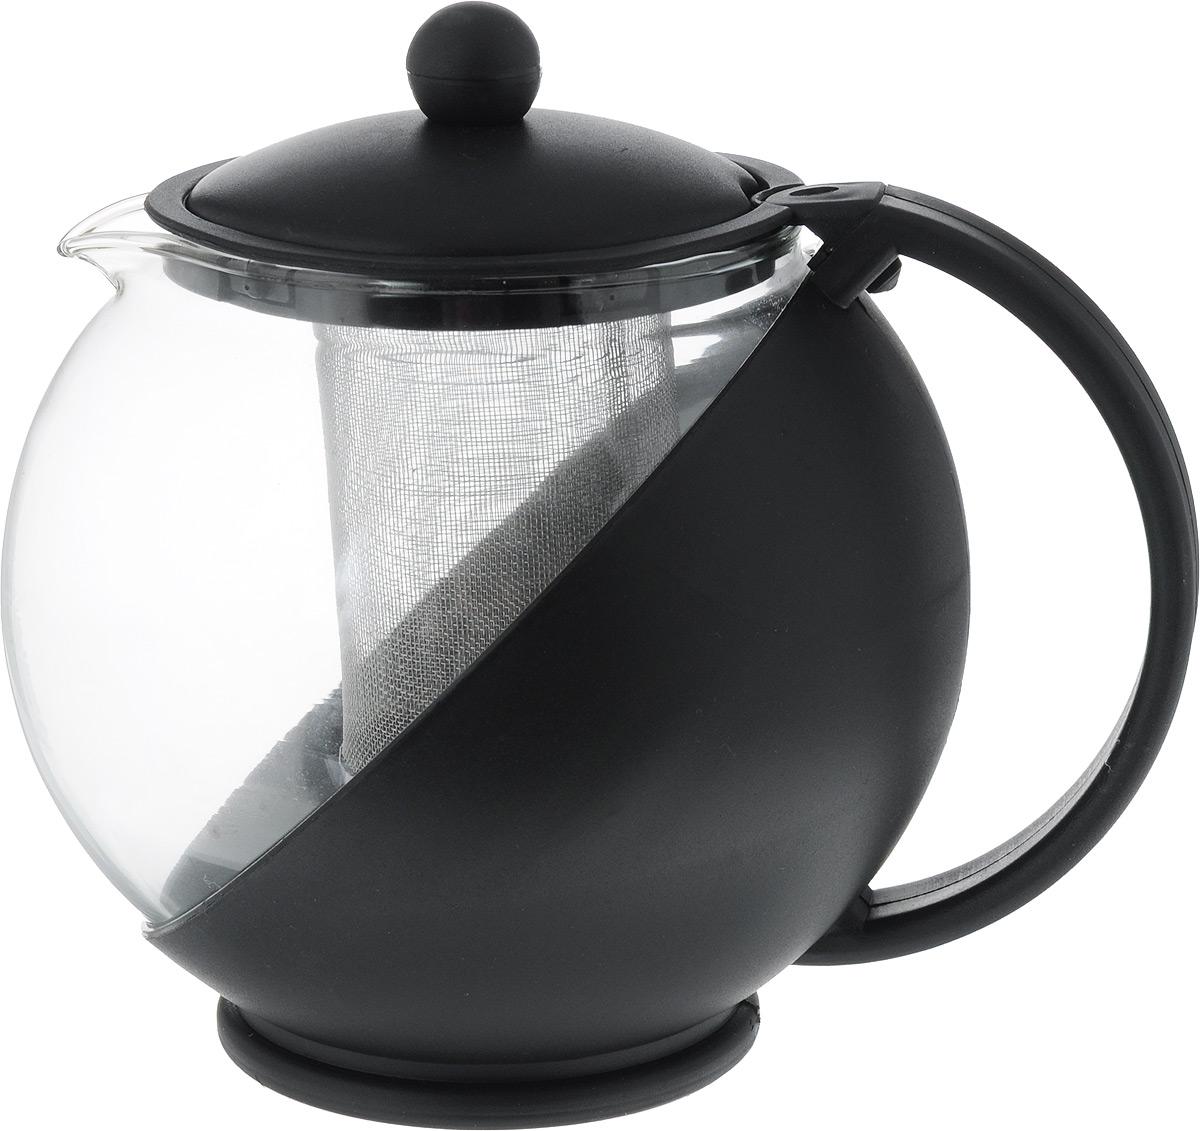 Чайник заварочный Mayer & Boch, с фильтром, цвет: прозрачный, черный, 1,25 лVT-1520(SR)Заварочный чайник Mayer & Boch изготовлен из пластика и термостойкого боросиликатного стекла. Посуда из стекла позволяет максимально сохранить полезные свойства и вкусовые качества воды. Прозрачные стенки чайника придают ему эстетичности на столе и помогают определить крепость завариваемого напитка. Внутренняя сеточка для заварки также выполняет функцию фильтра, который задержит чаинки. За чайником легко ухаживать, так как его можно мыть в посудомоечной машине.Объем: 1,25 л.